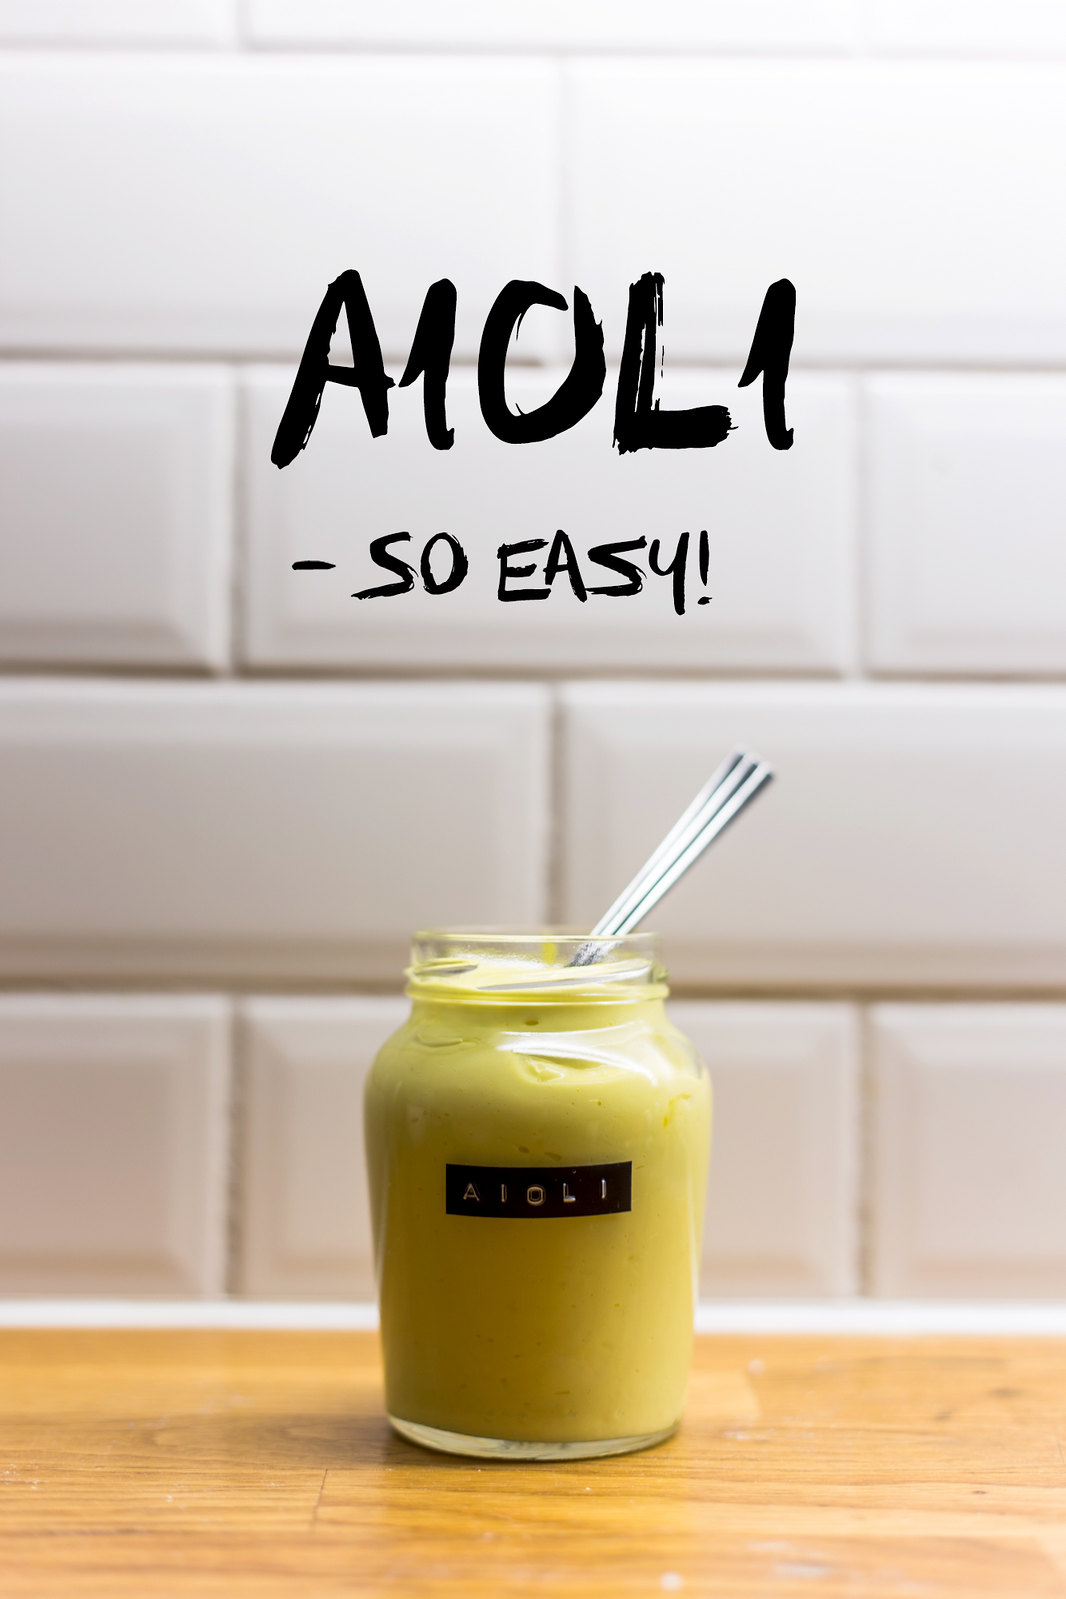 Homemade Aioli